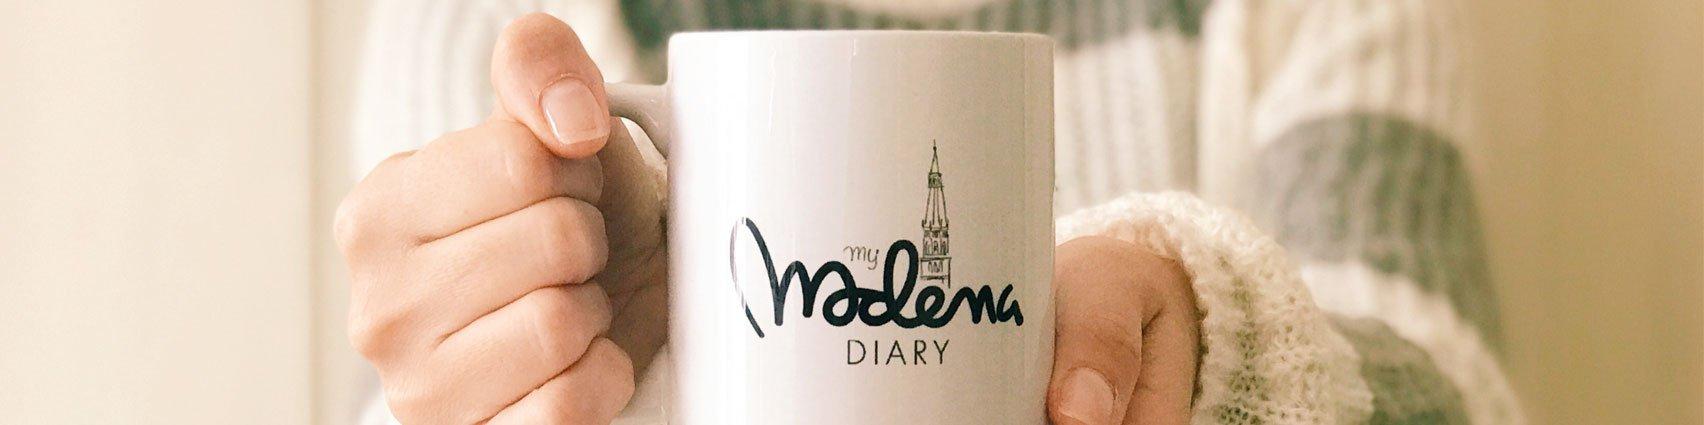 My Modena Diary Shop